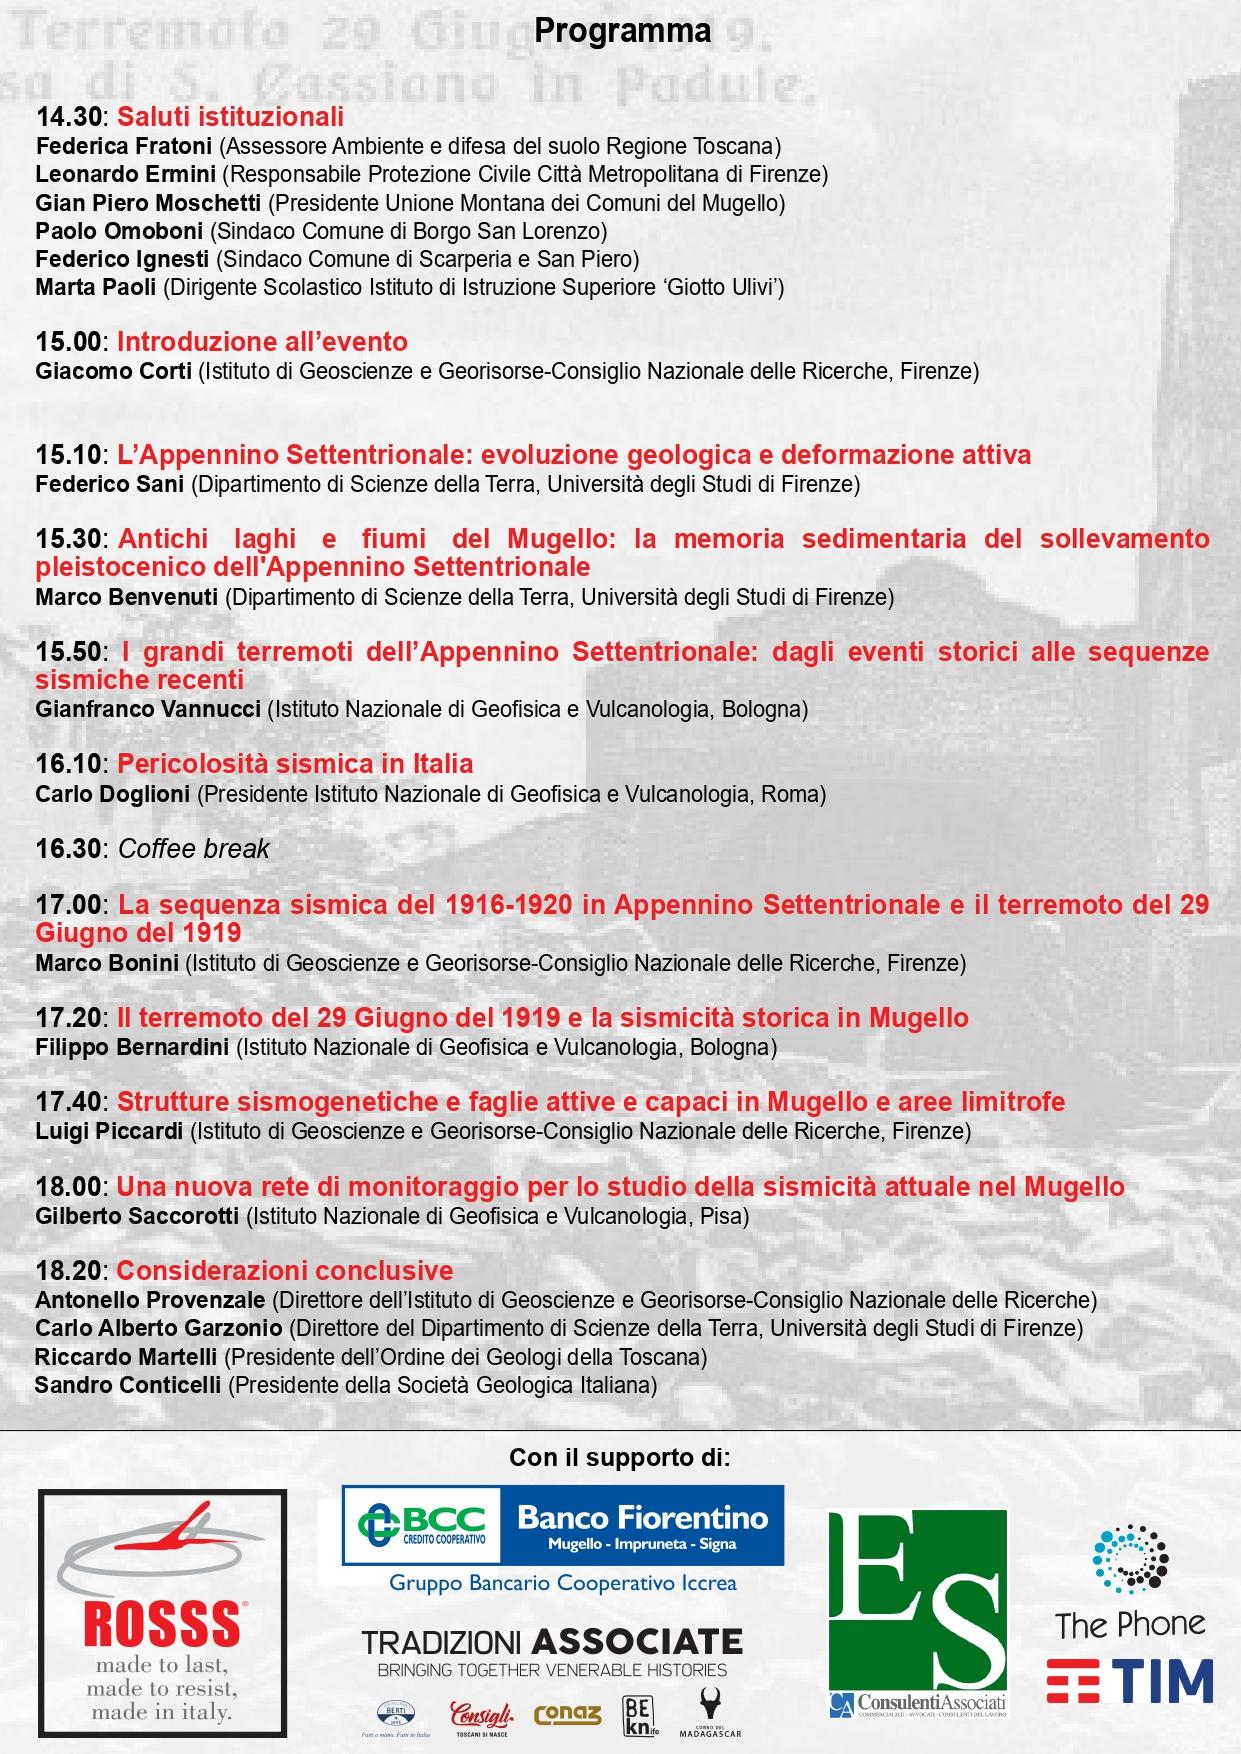 Convegno Mugello 14/12/19 - programma